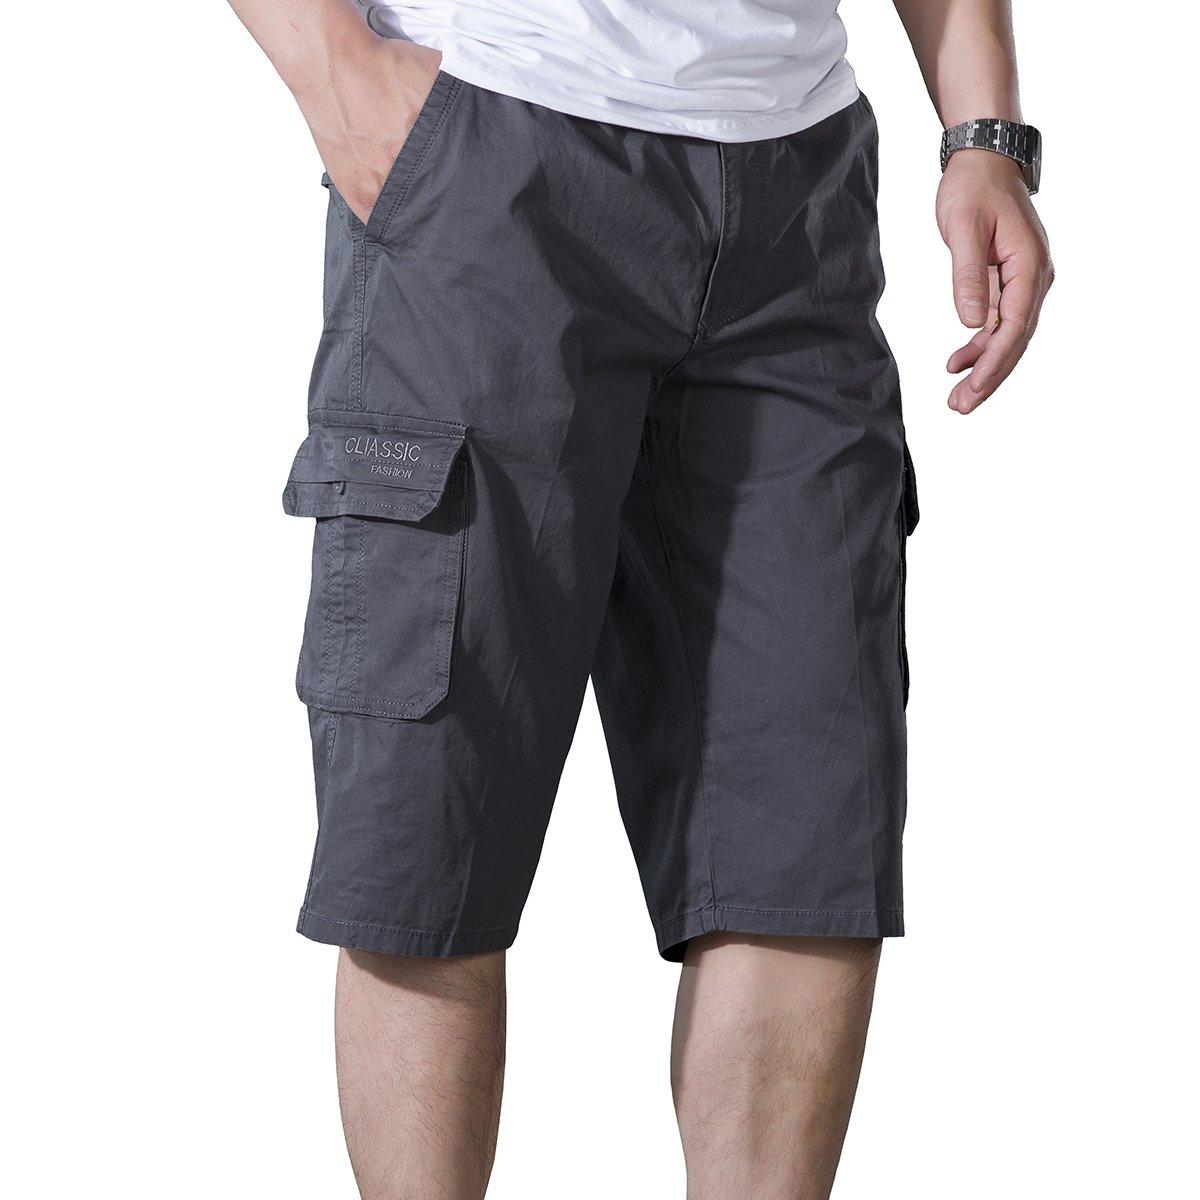 LOGEEYAR Men's Cargo Elastic Waist Cotton Relaxed Short Outdoor Wear(Gray 3XL)